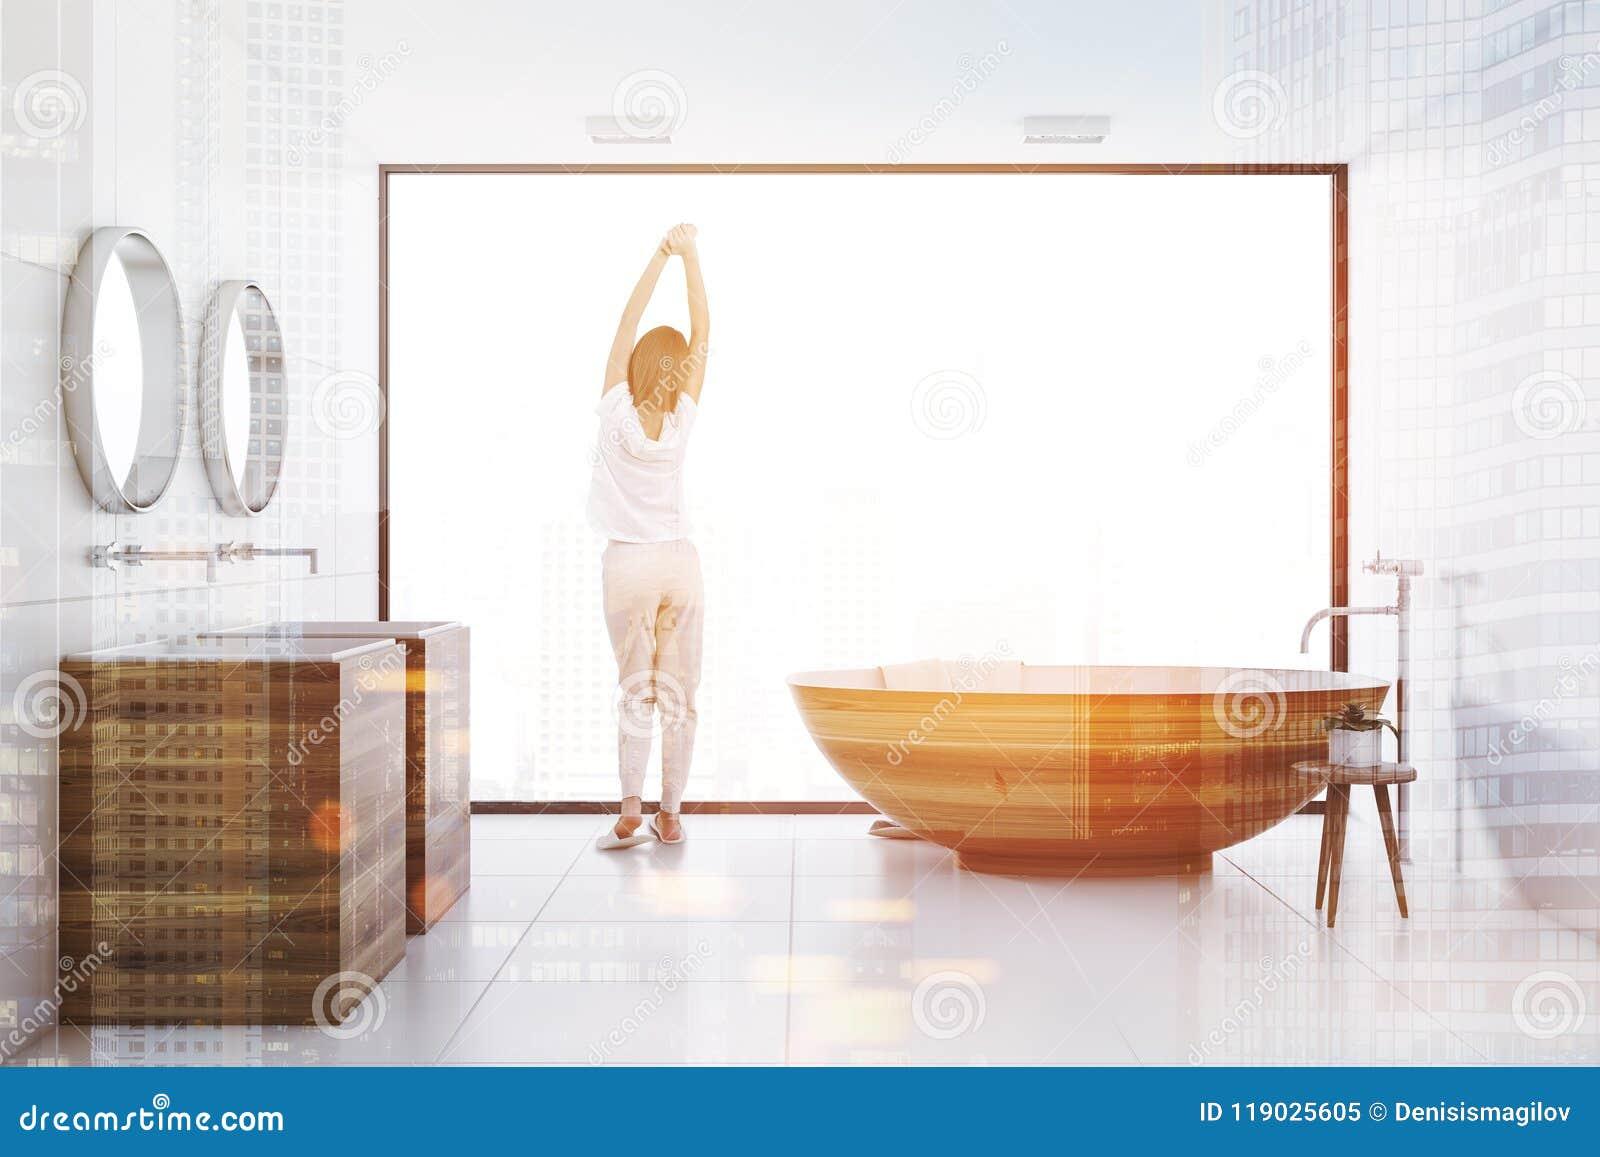 Cuarto De Baño Blanco Interior, Tina De Madera Y Fregadero Entonados ...